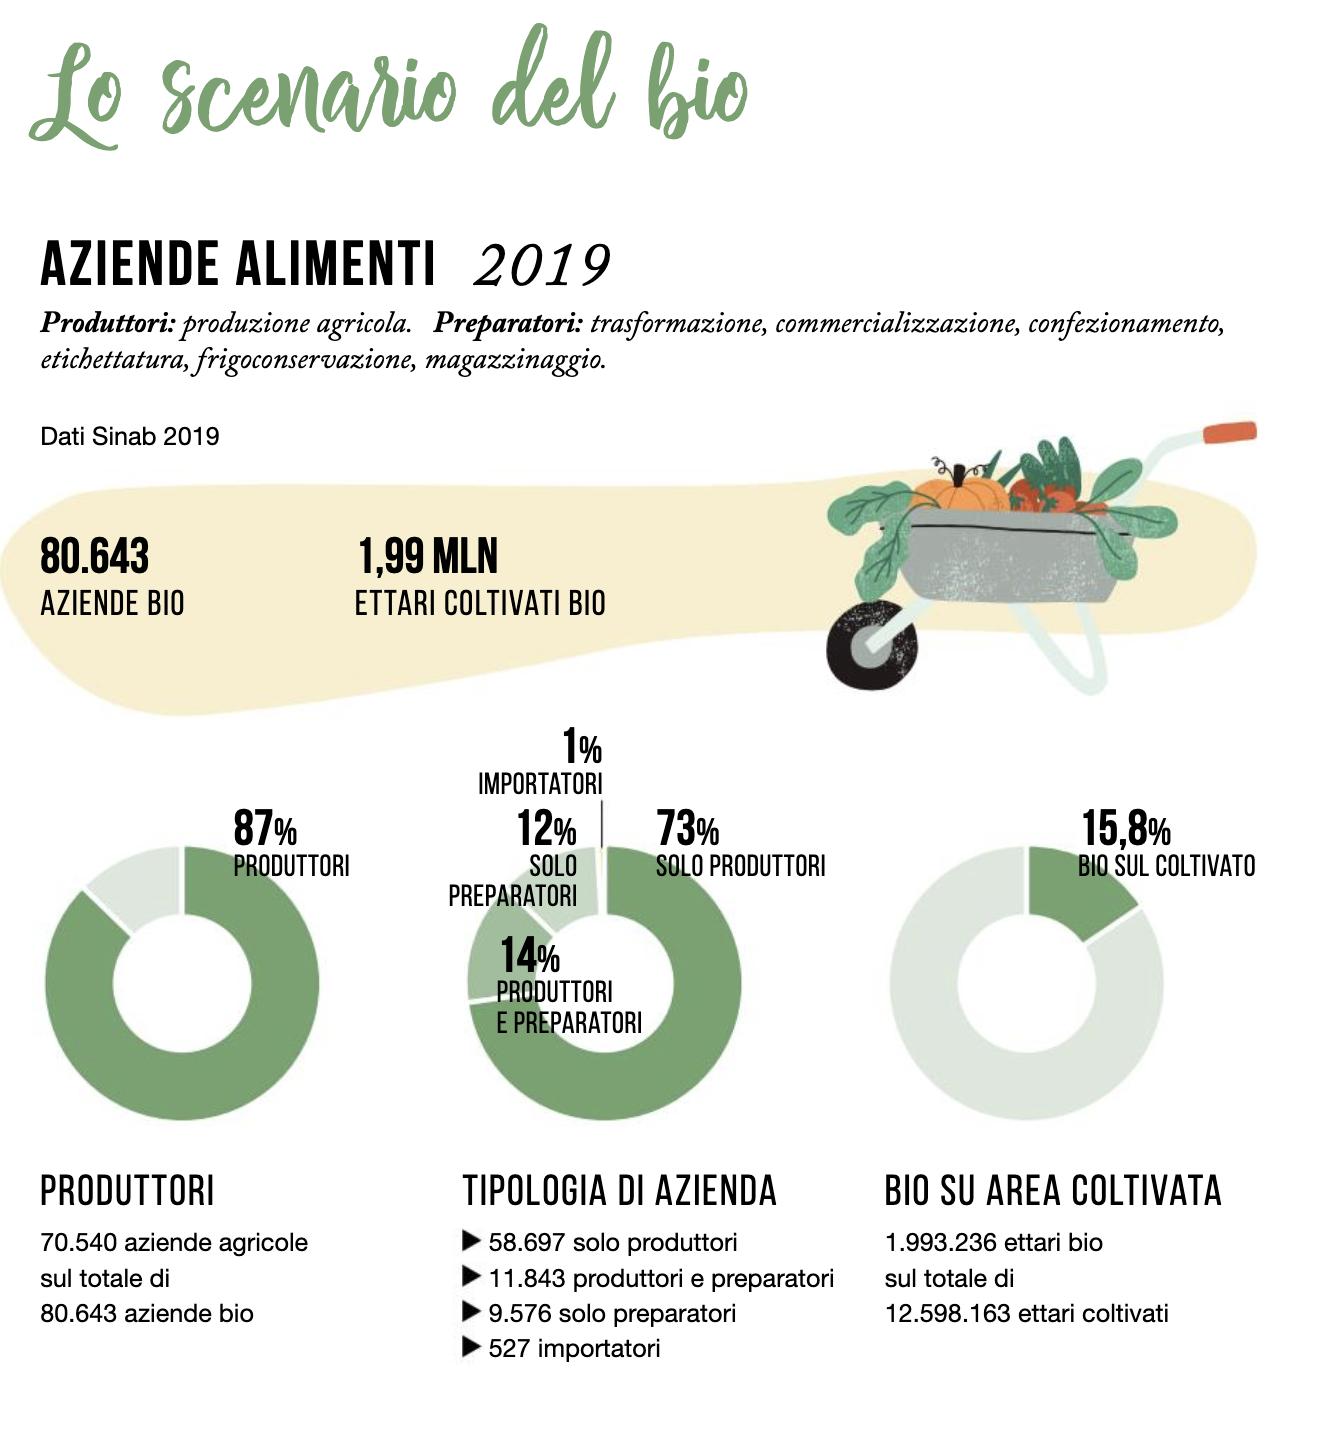 04 aziebnde bio in italia ed ettari coltivati